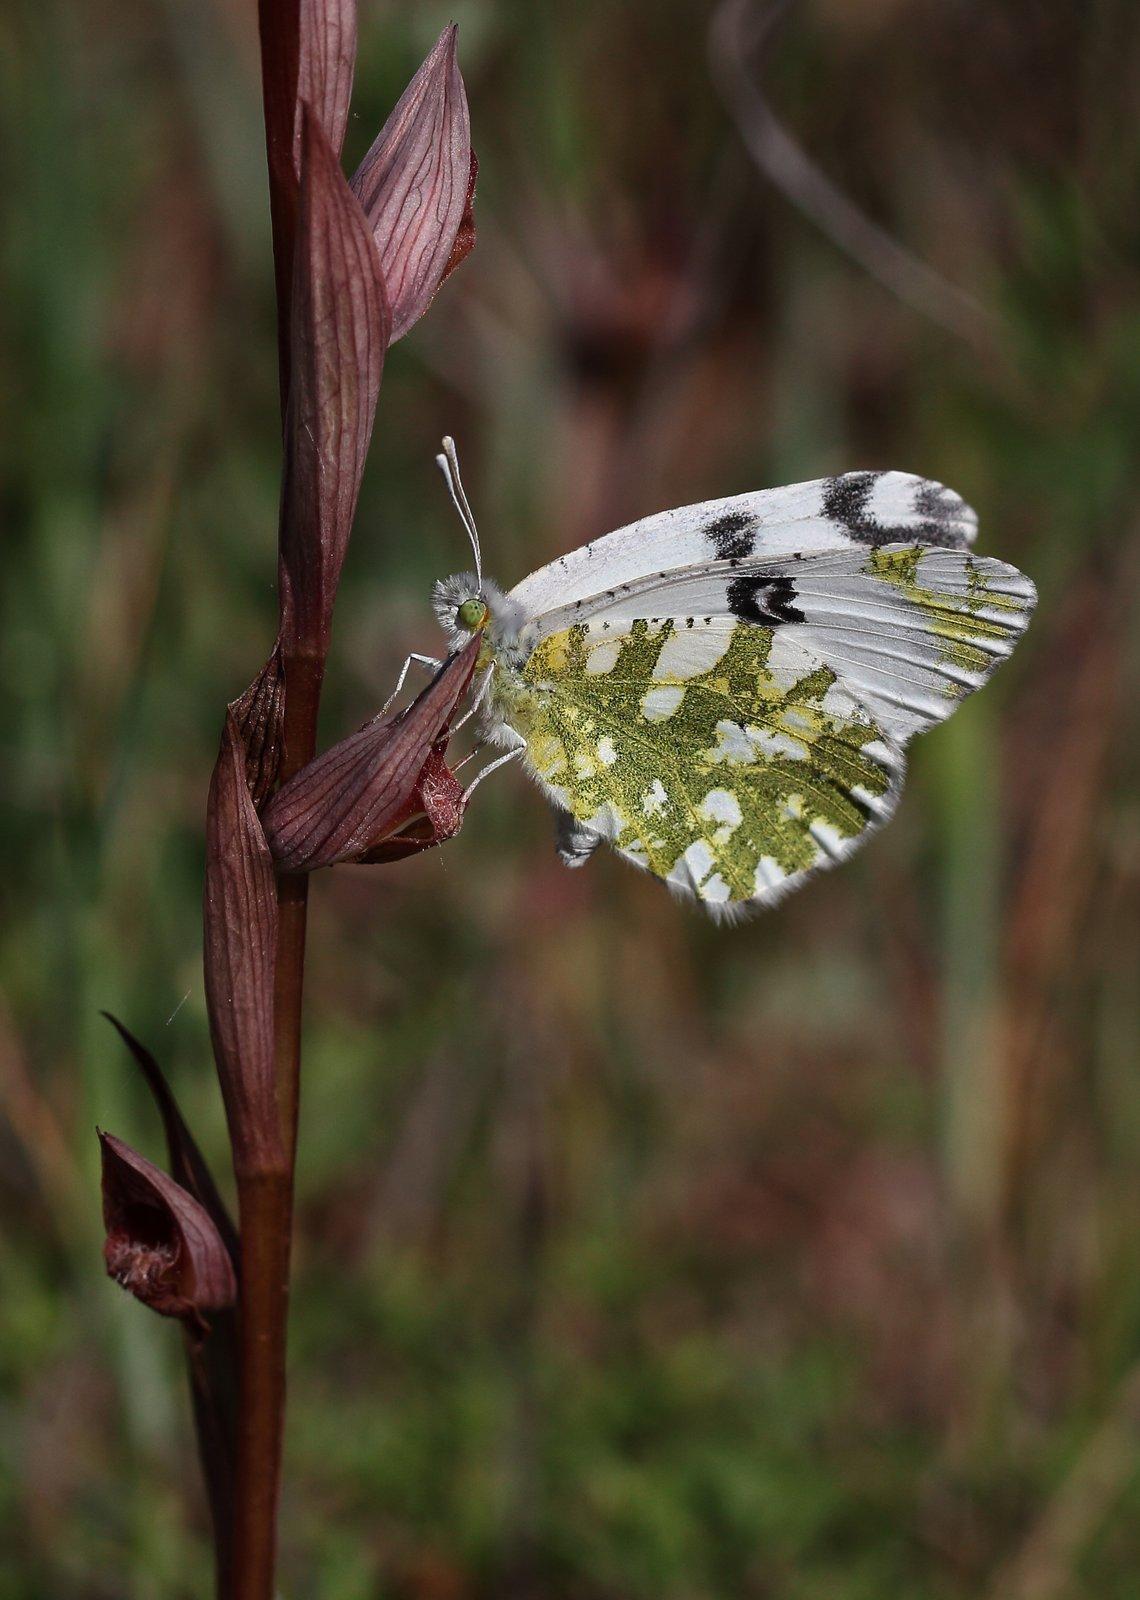 Østlig plettet hvidvinge, Euchloe ausonia